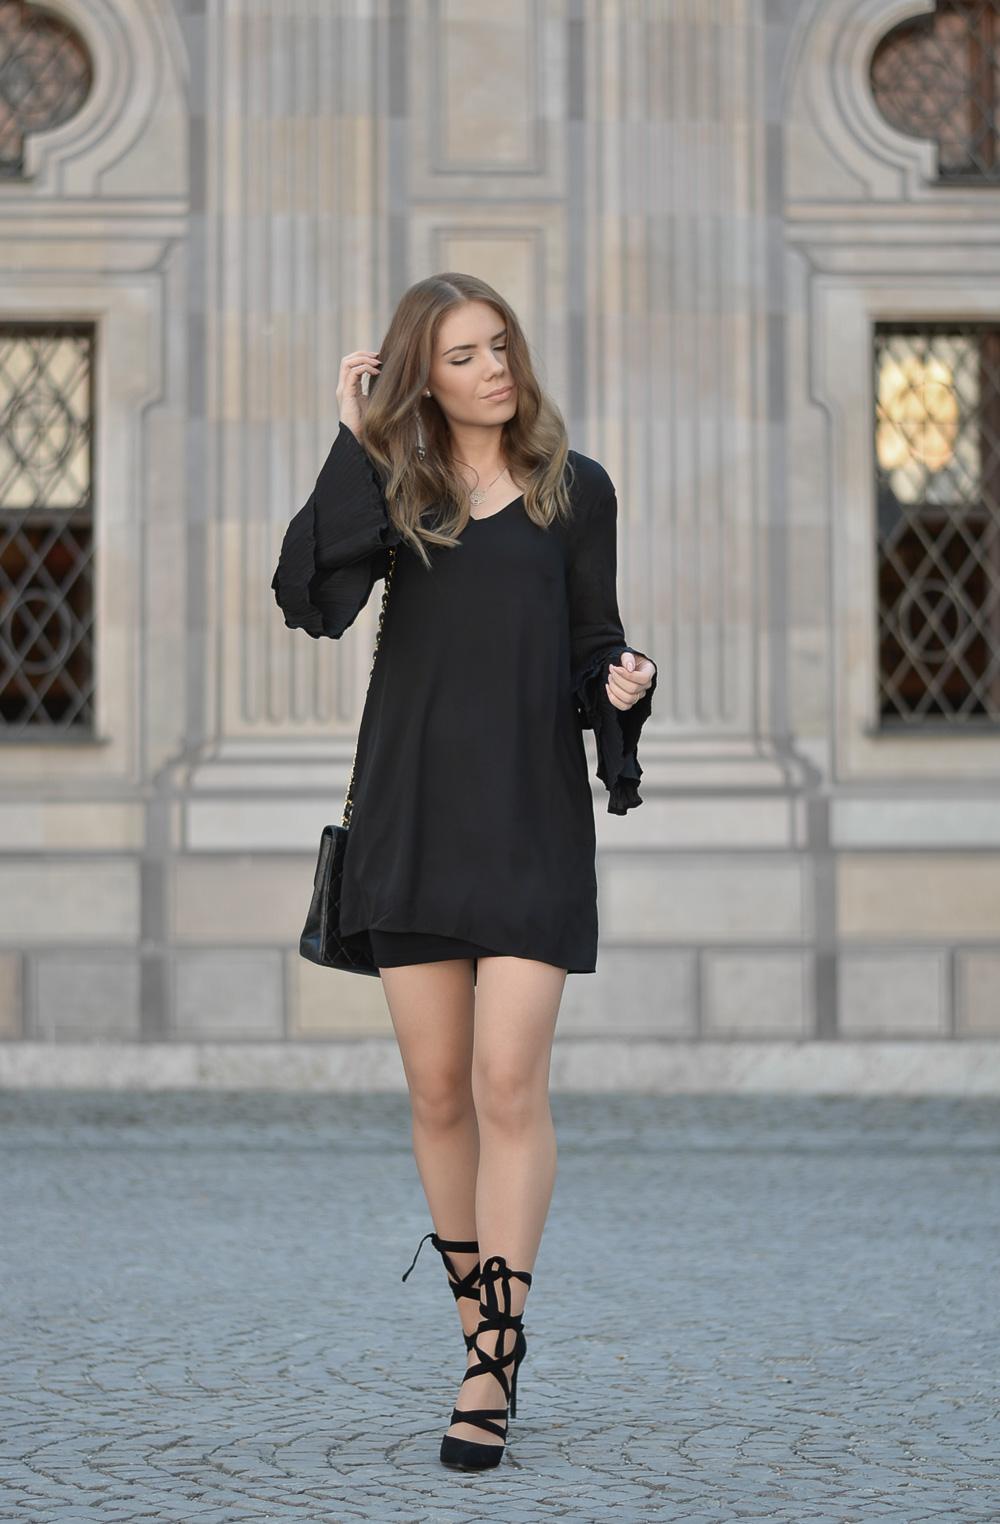 Fashion-Schwarzes Sommerkleid mit Plisset Ärmeln-Chanel Tasche-geschnürte Pumps